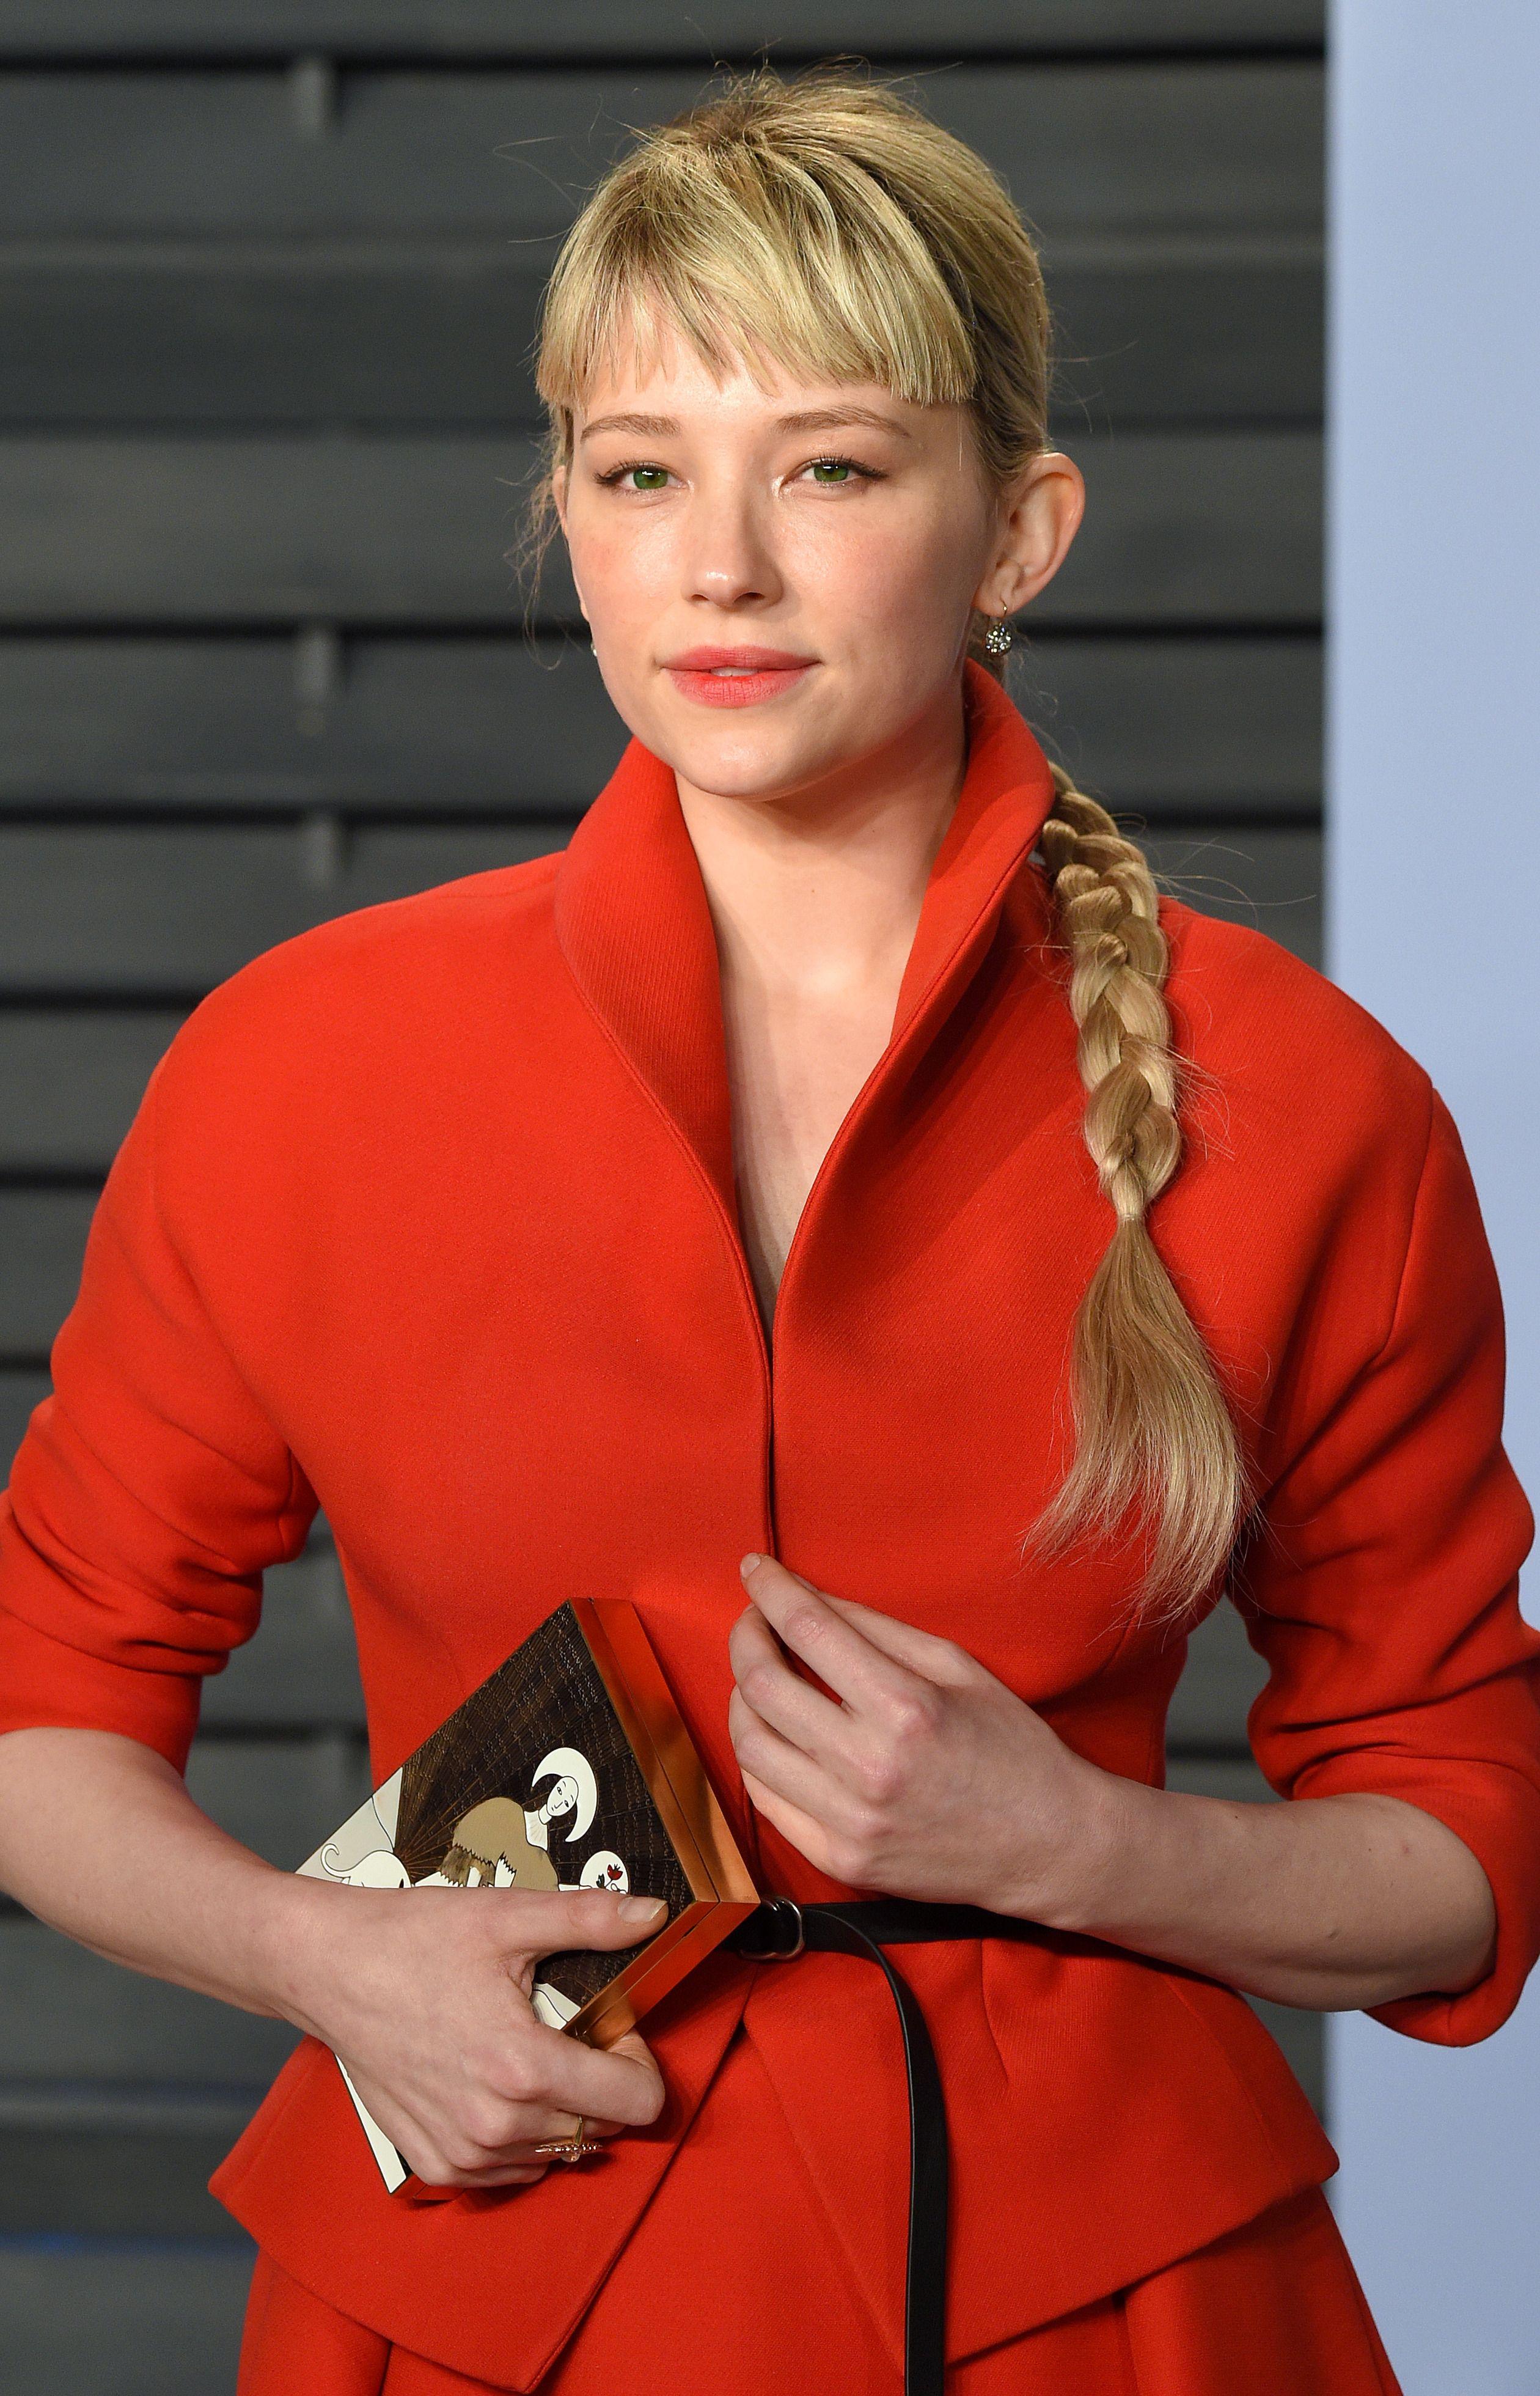 Mujer rubia con flequillo lacio y cabello atado en una trenza larga